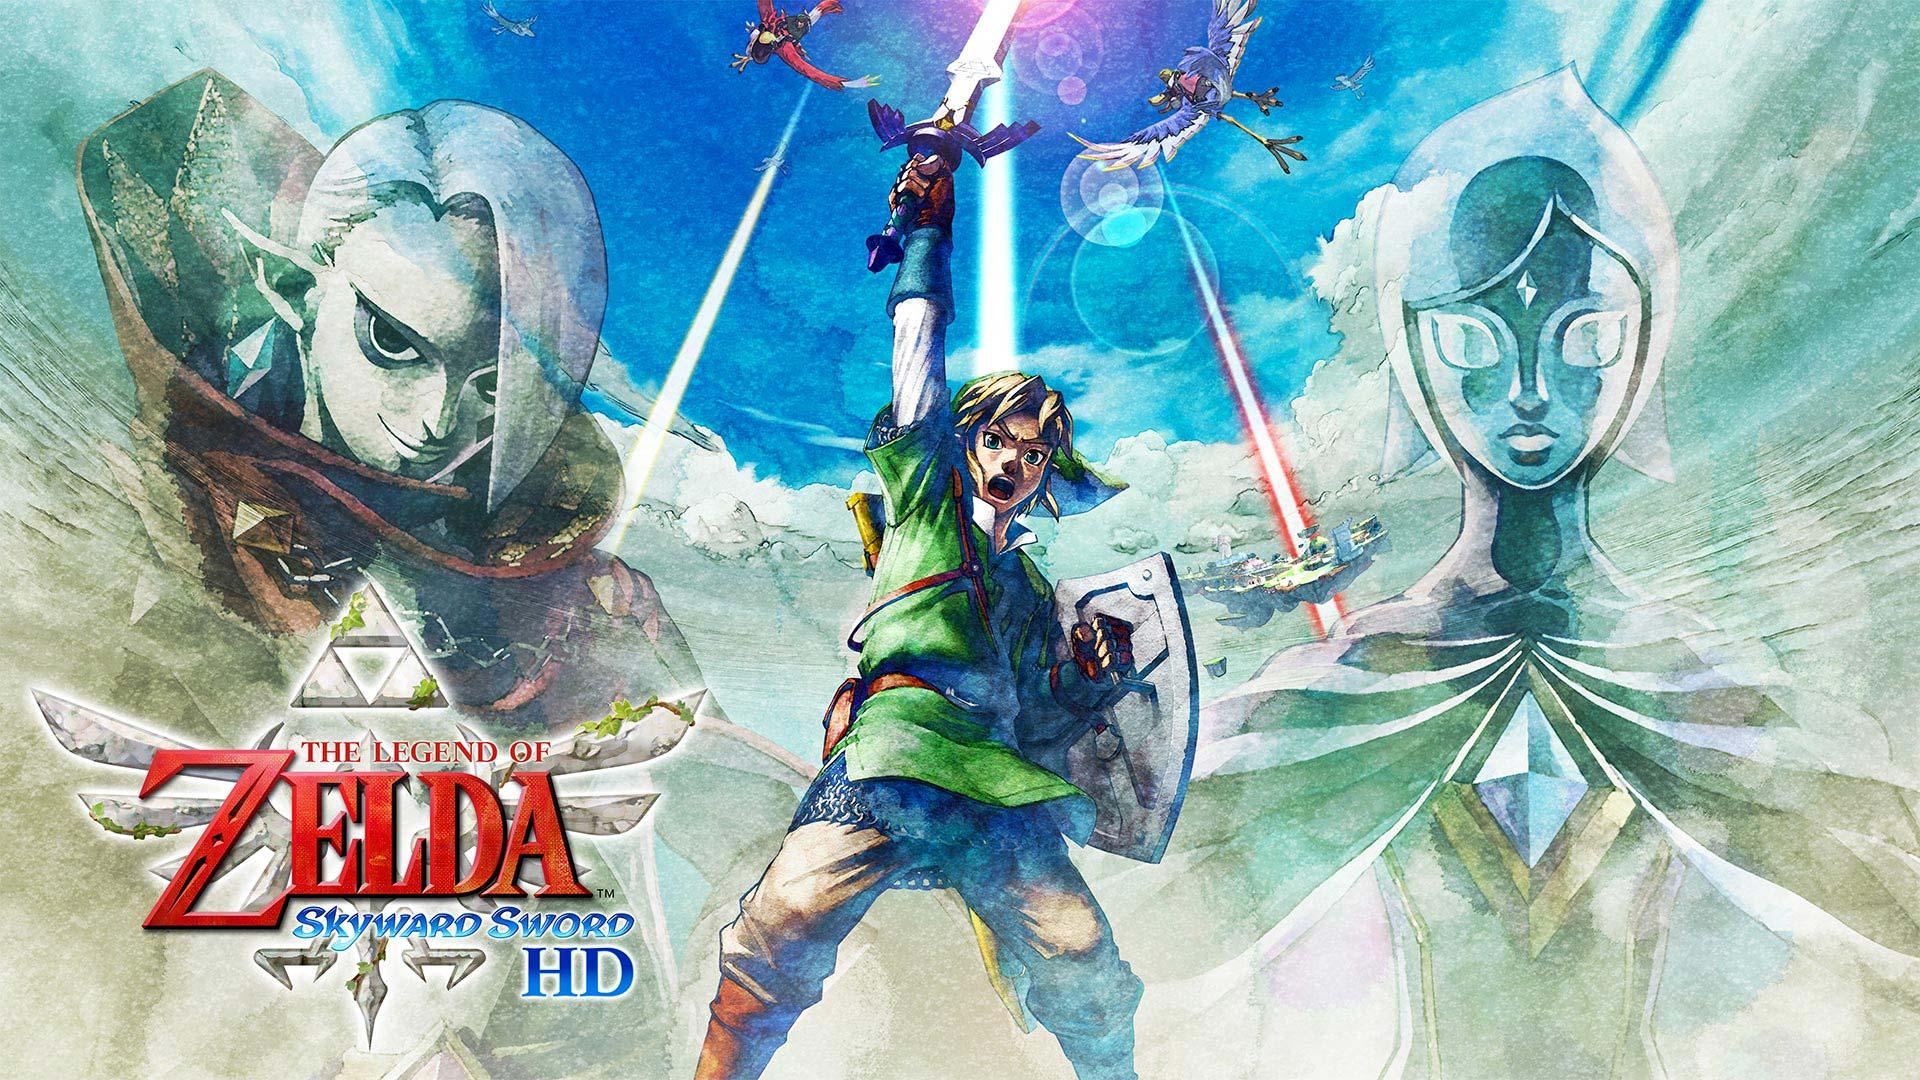 July - The Legend of Zelda: Skyward Sword HD